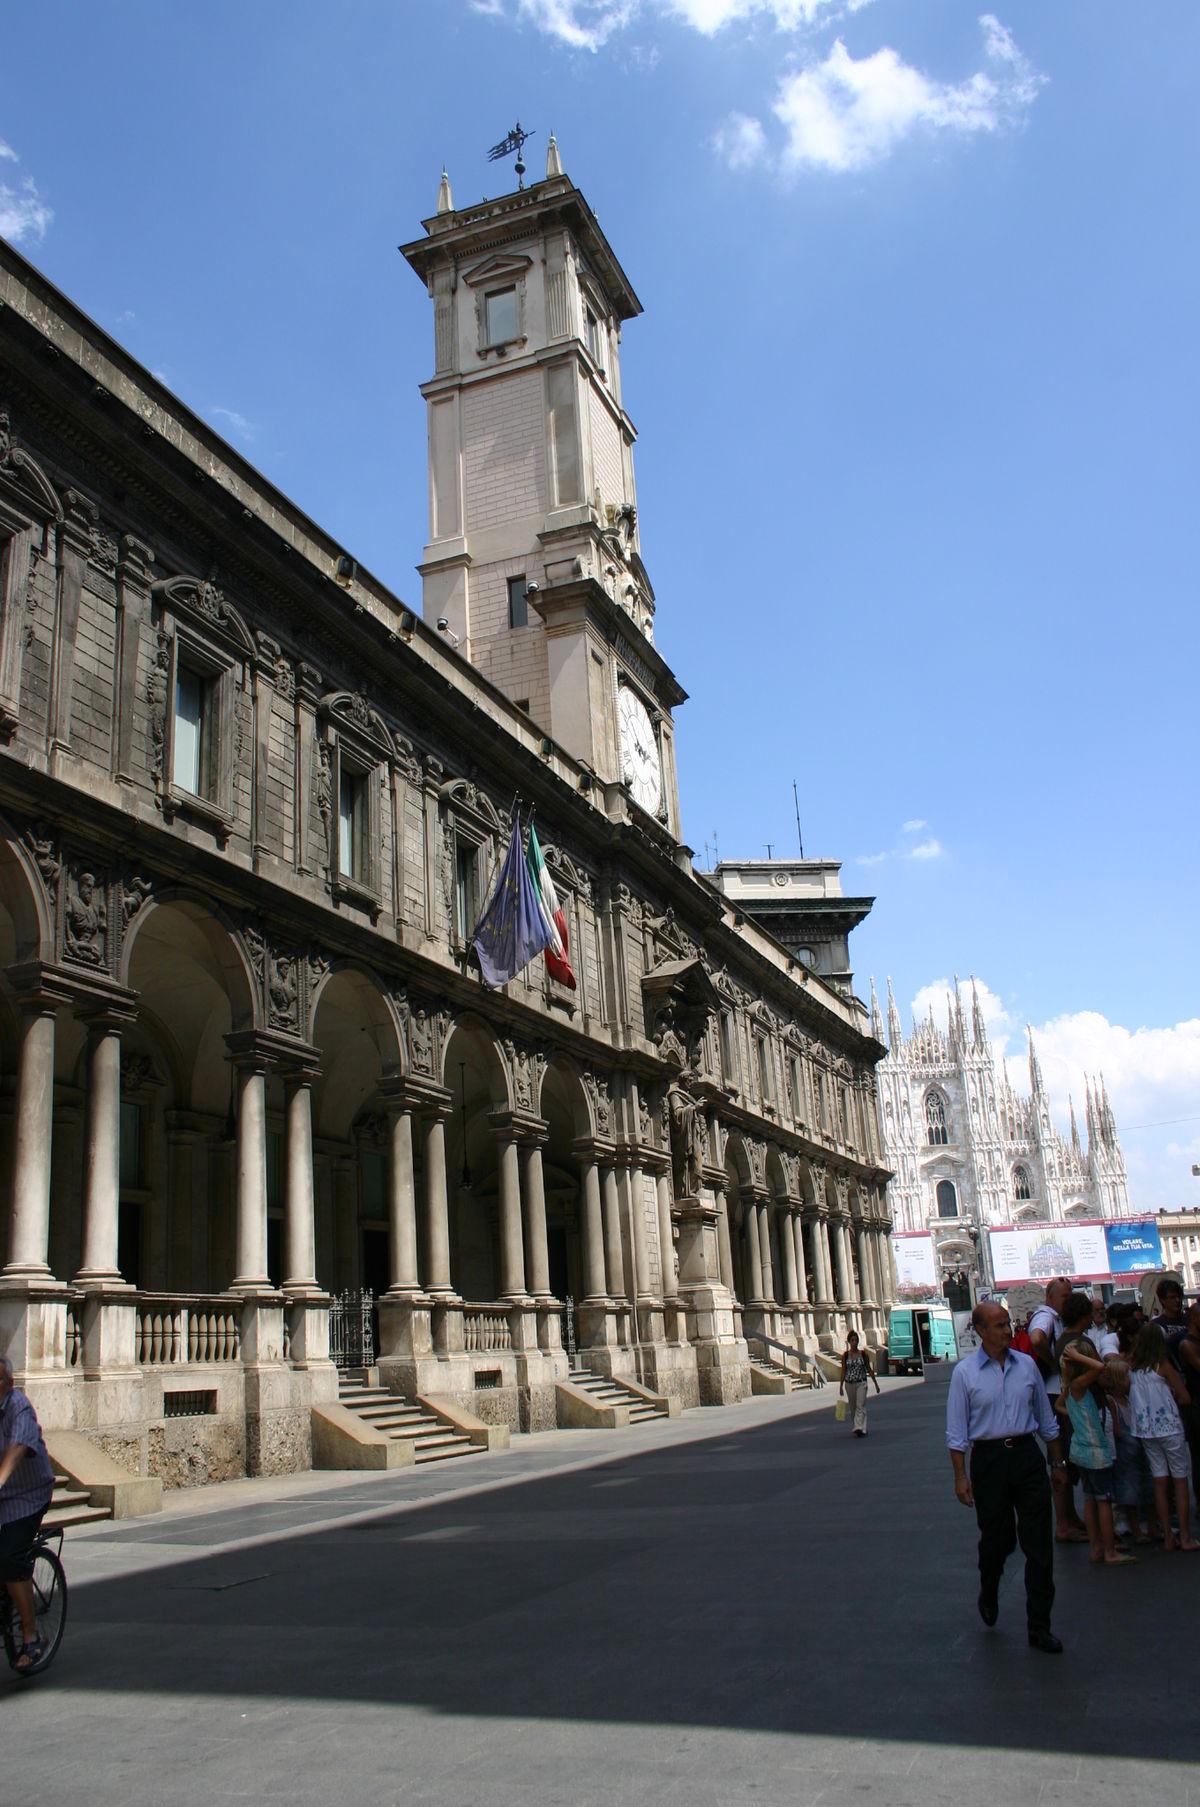 Palazzo dei giureconsulti wikipedia for Palazzo 24